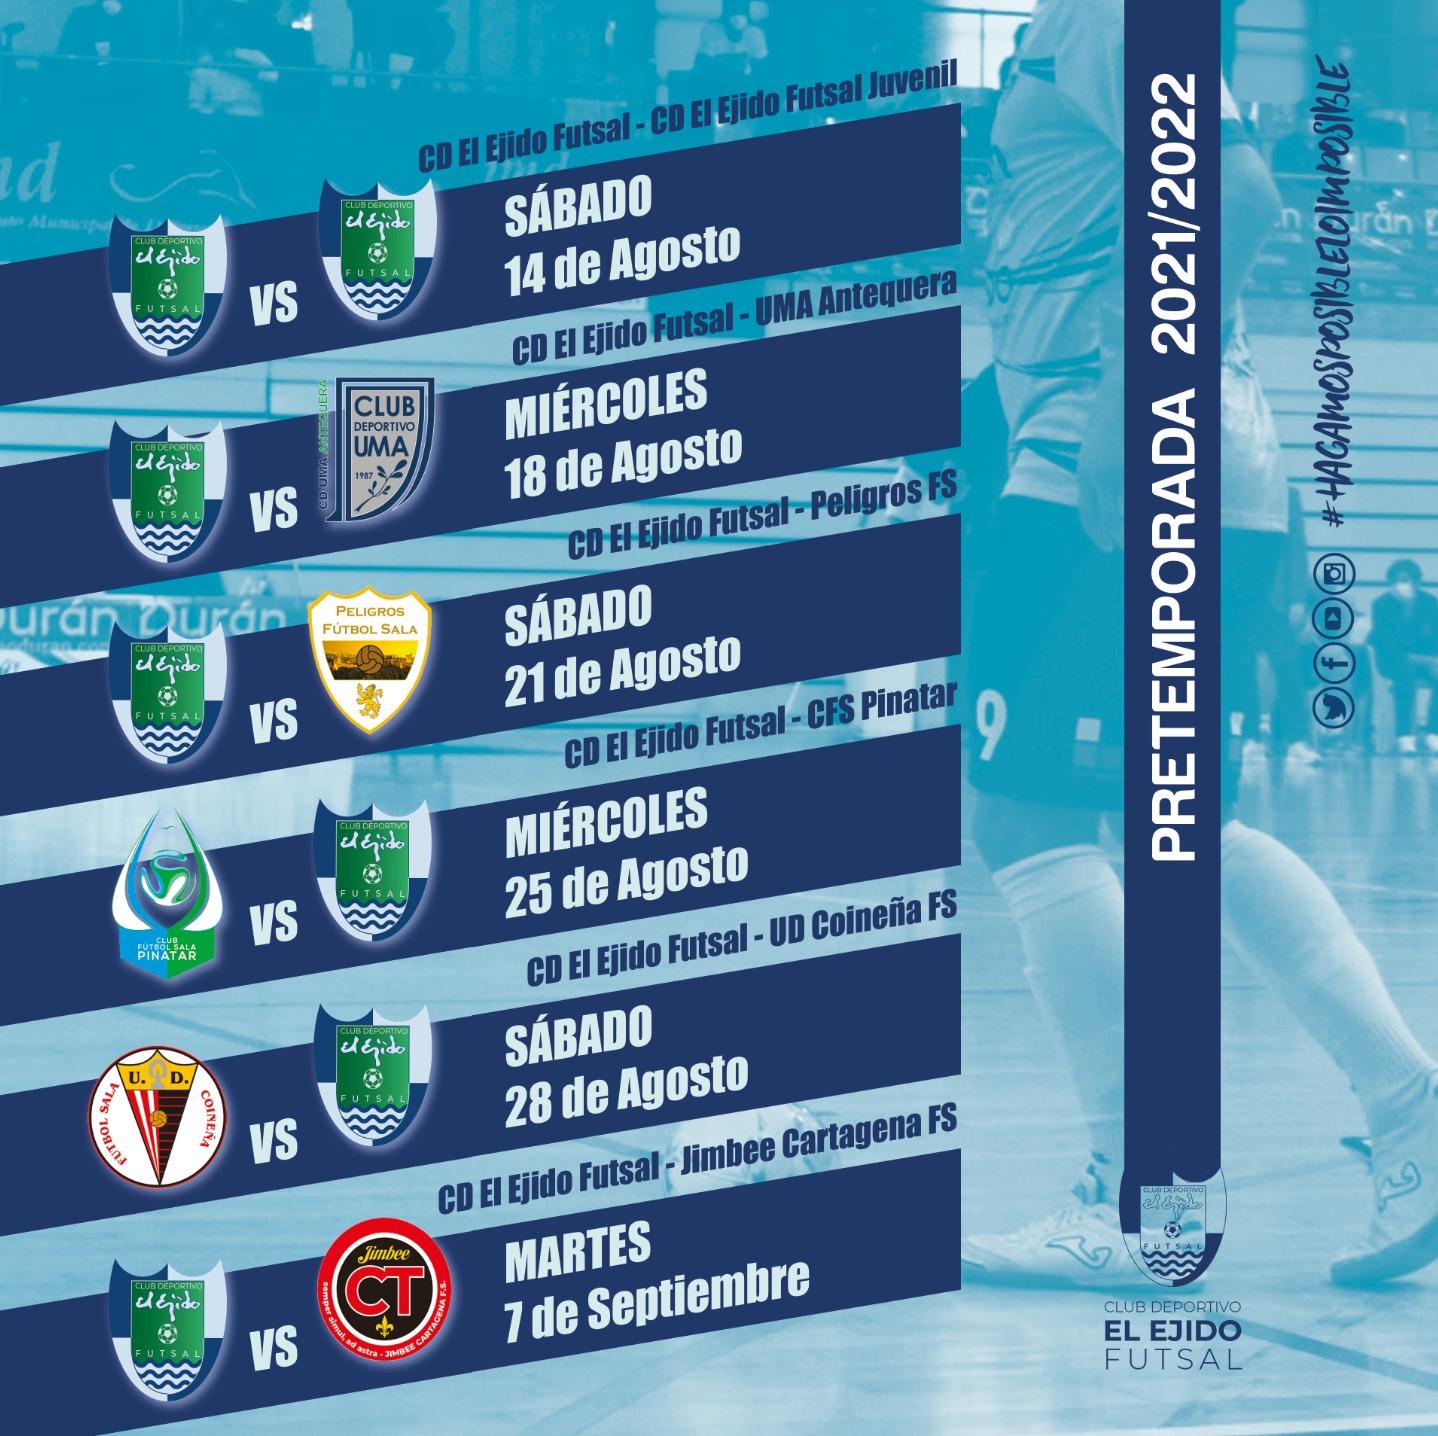 Pretemporada del máximo nivel para el CD Ejido Futsal